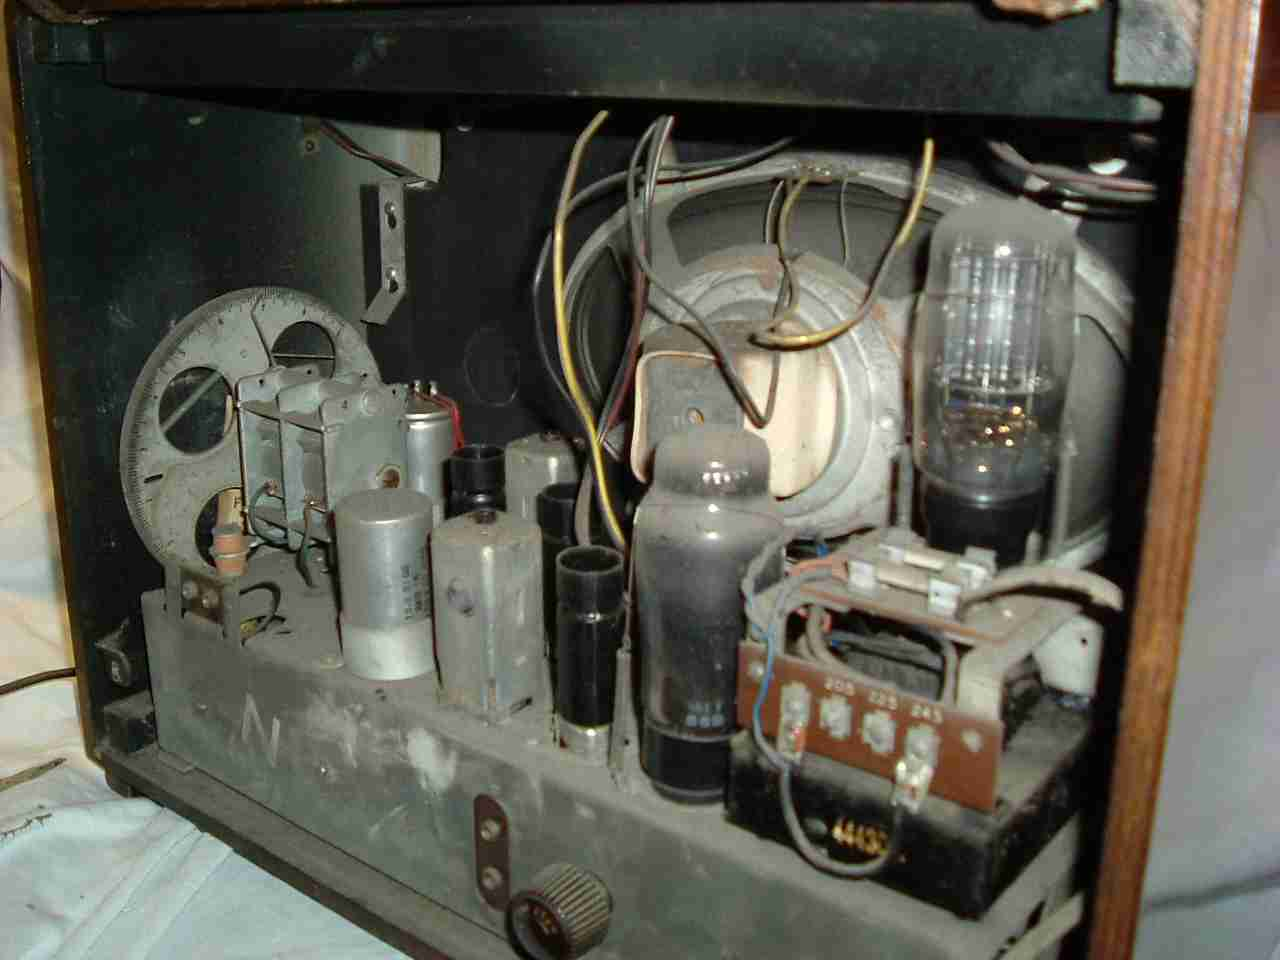 antiquated equipment